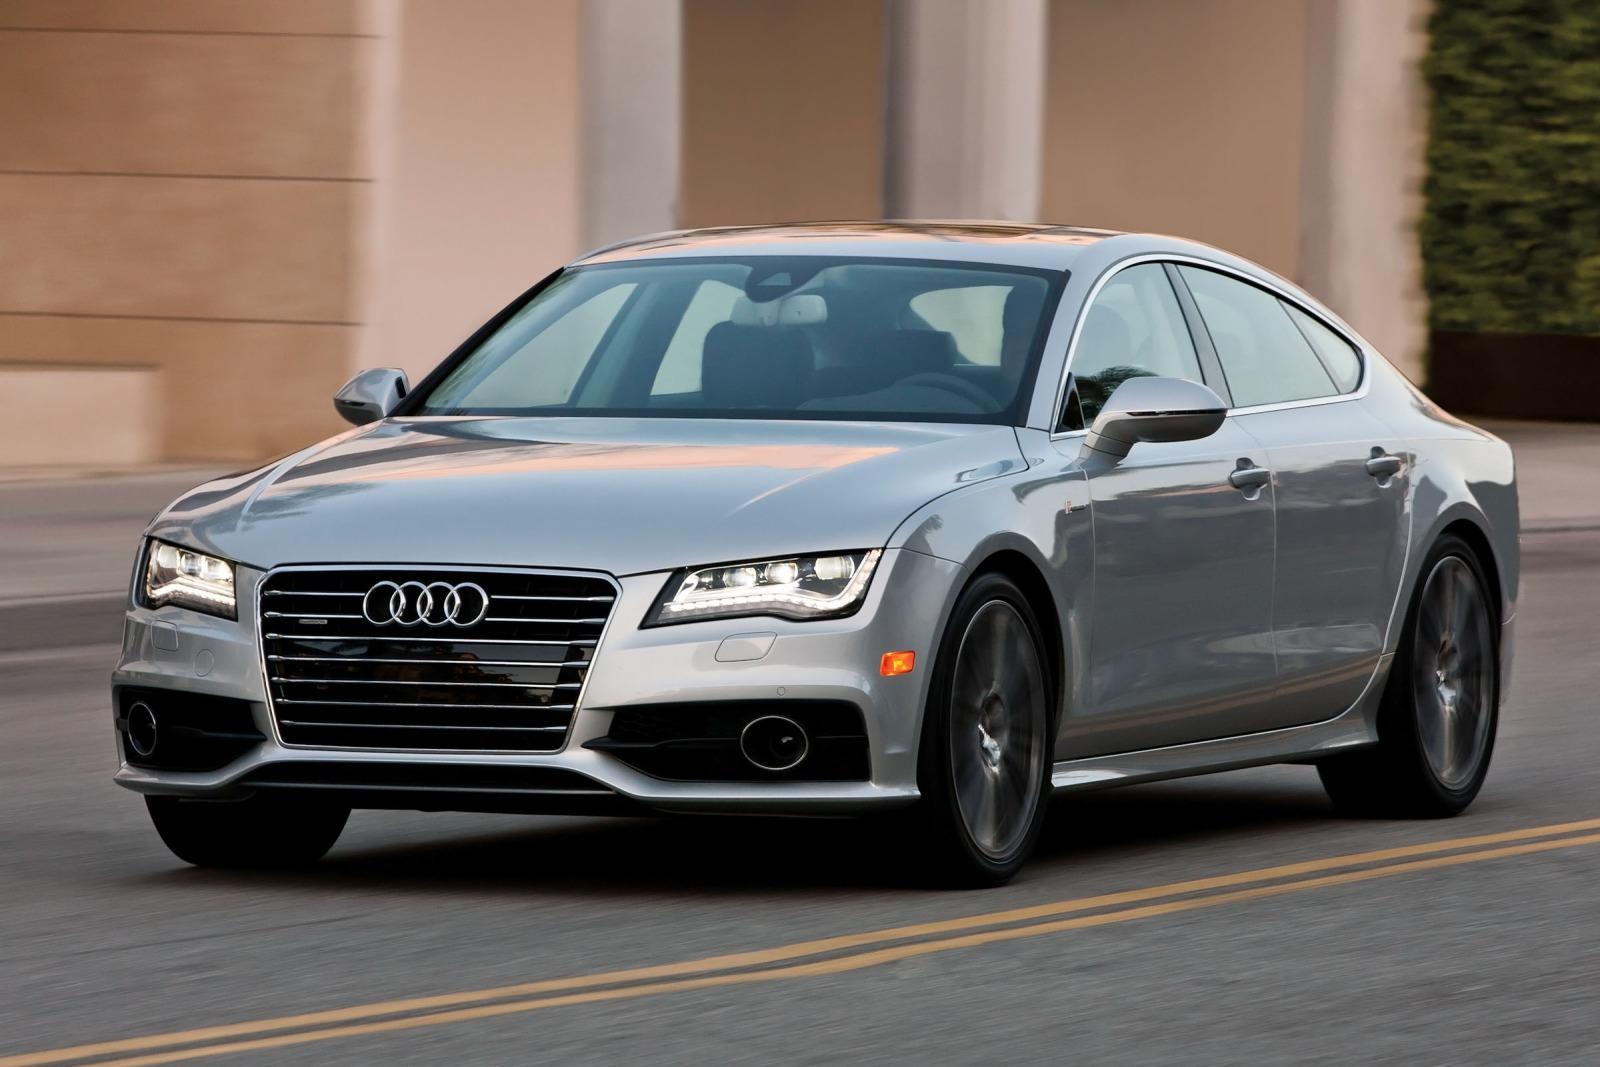 2012 audi a7 sedan premium fq oem 3 1600